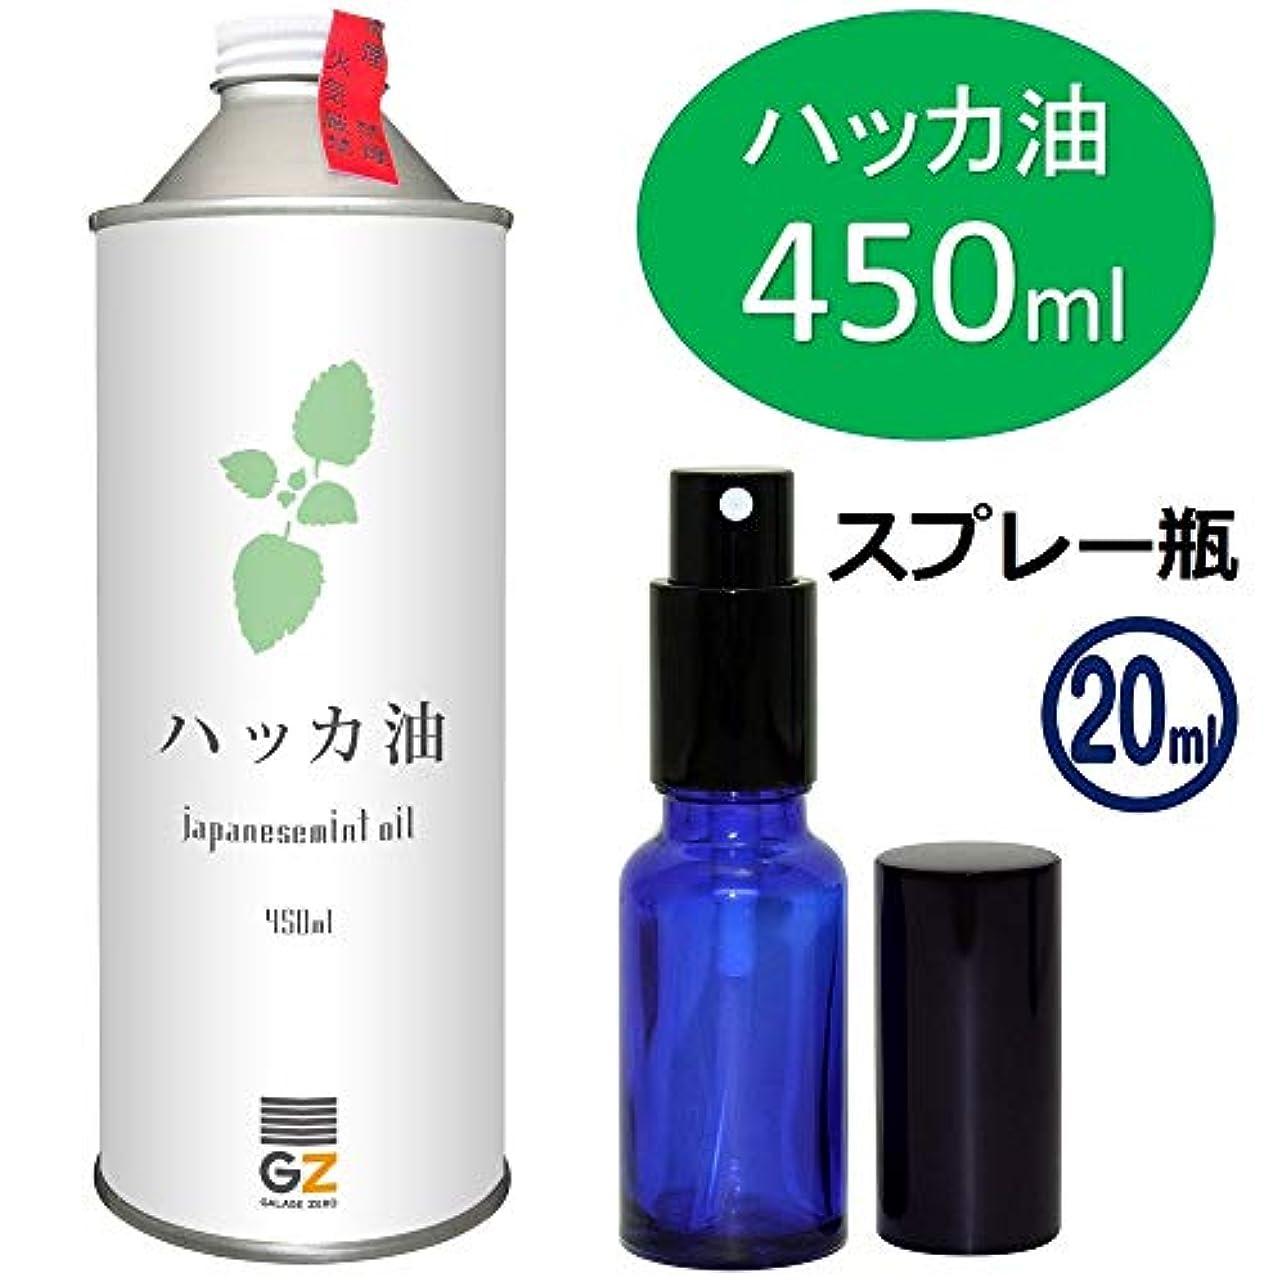 ボイドイディオム休日にガレージ?ゼロ ハッカ油 450ml(GZAK13)+ガラス瓶 スプレーボトル20ml/和種薄荷/ジャパニーズミント GSE534